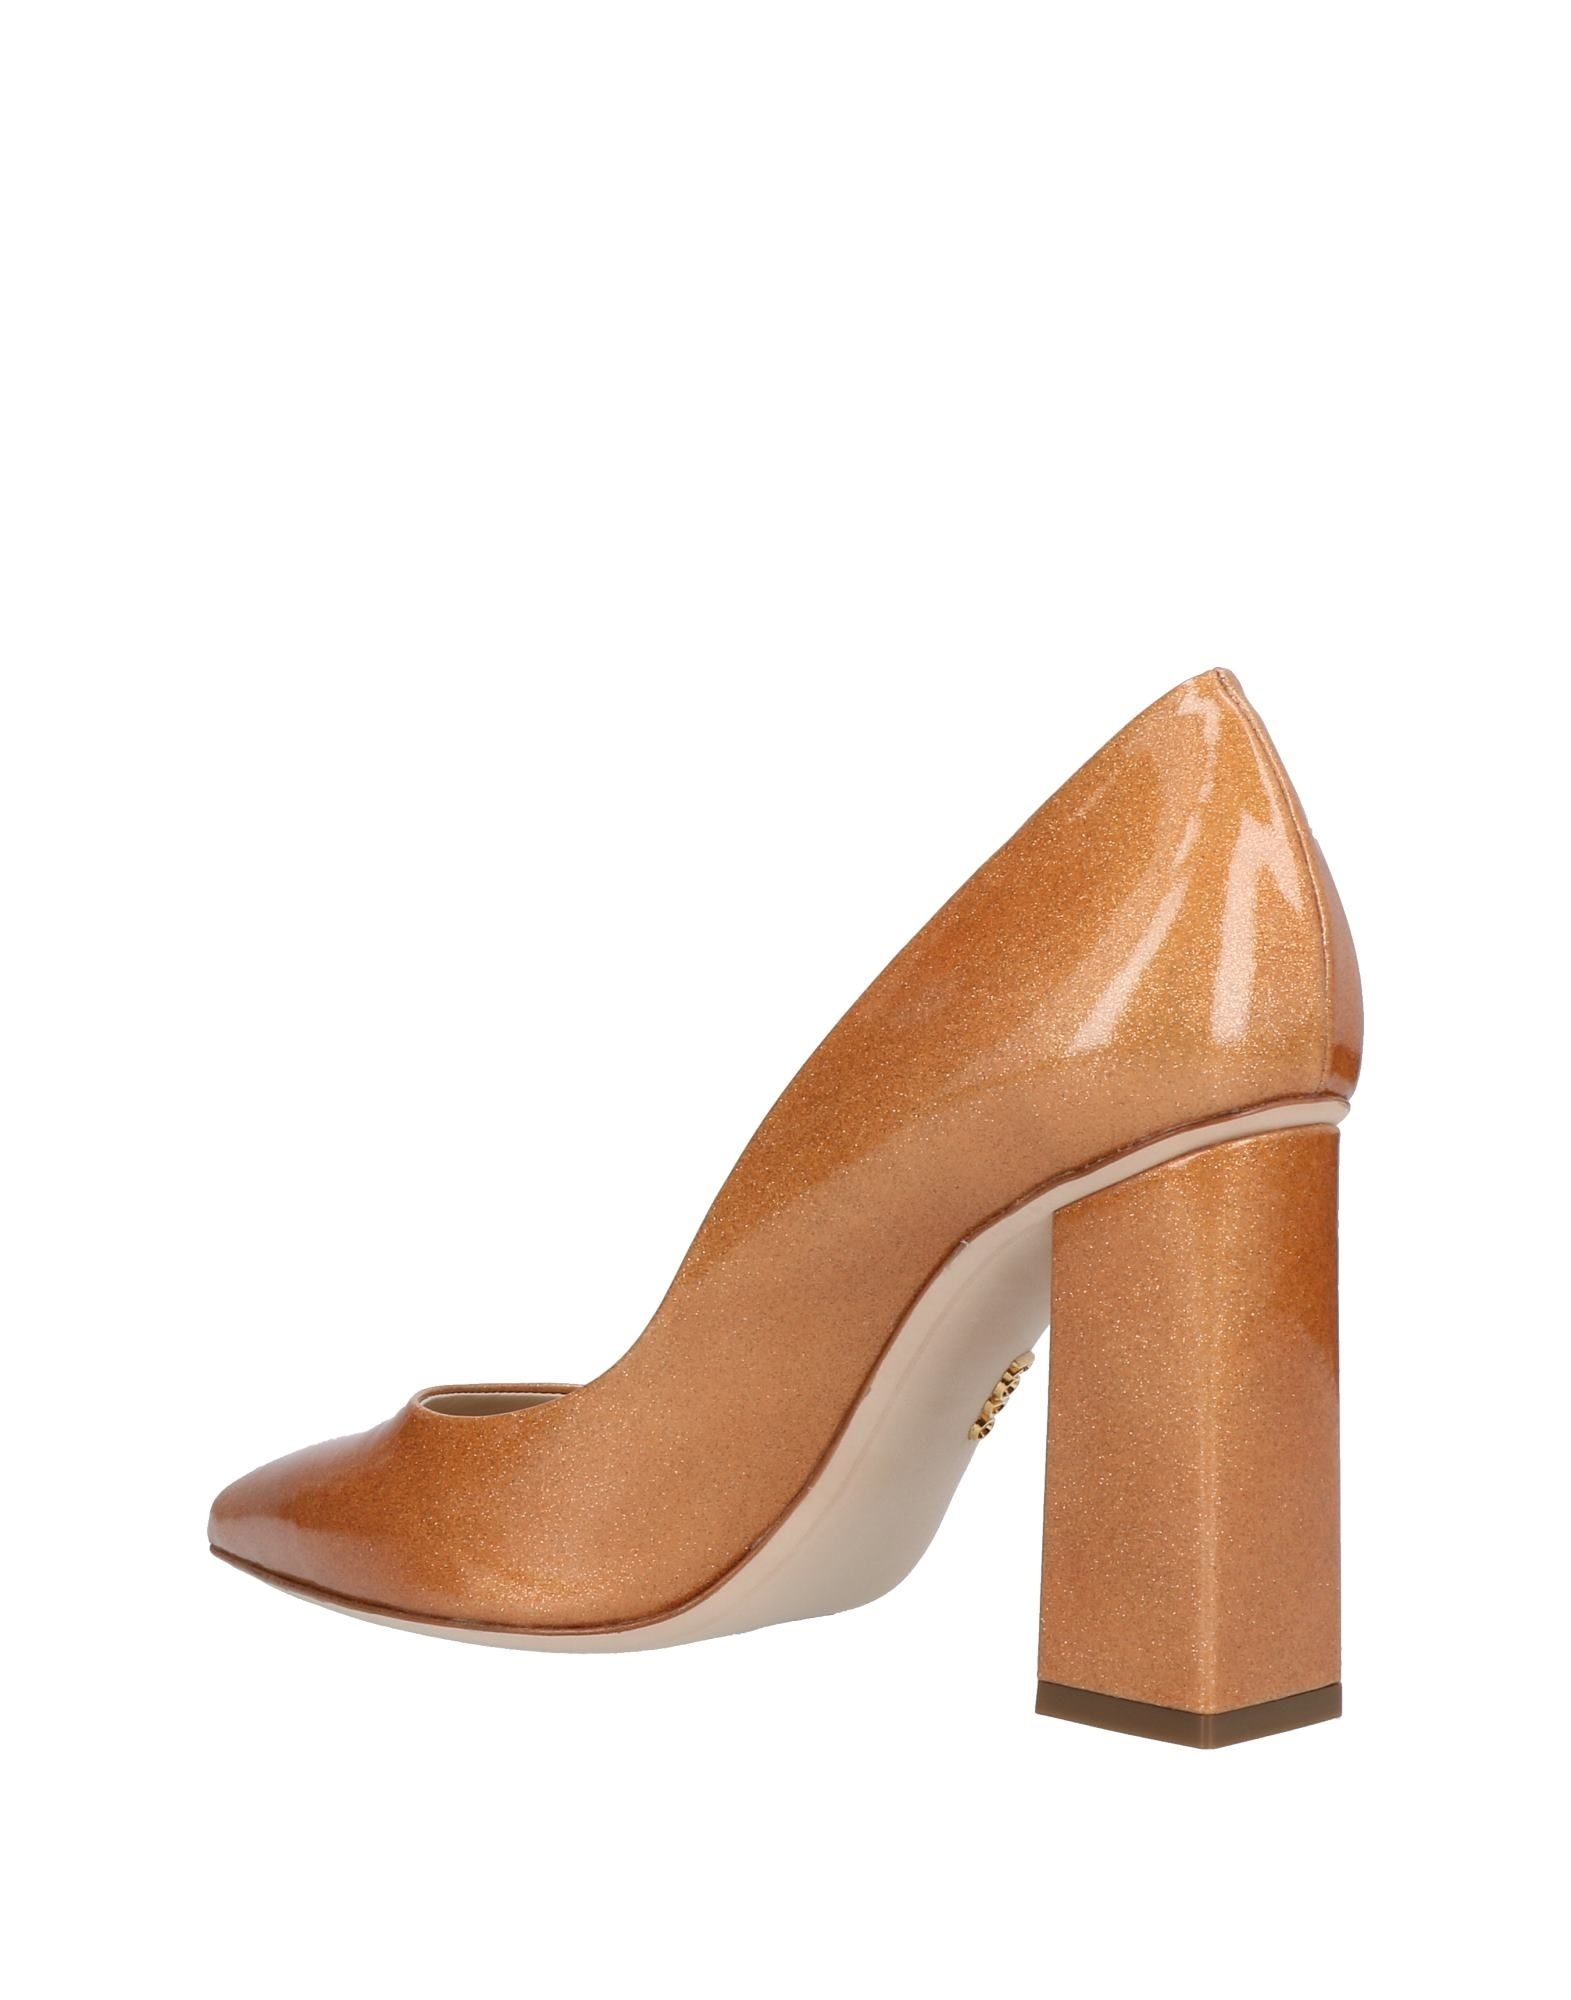 Stilvolle Damen billige Schuhe Rodo Pumps Damen Stilvolle  11454062SR 98aedf